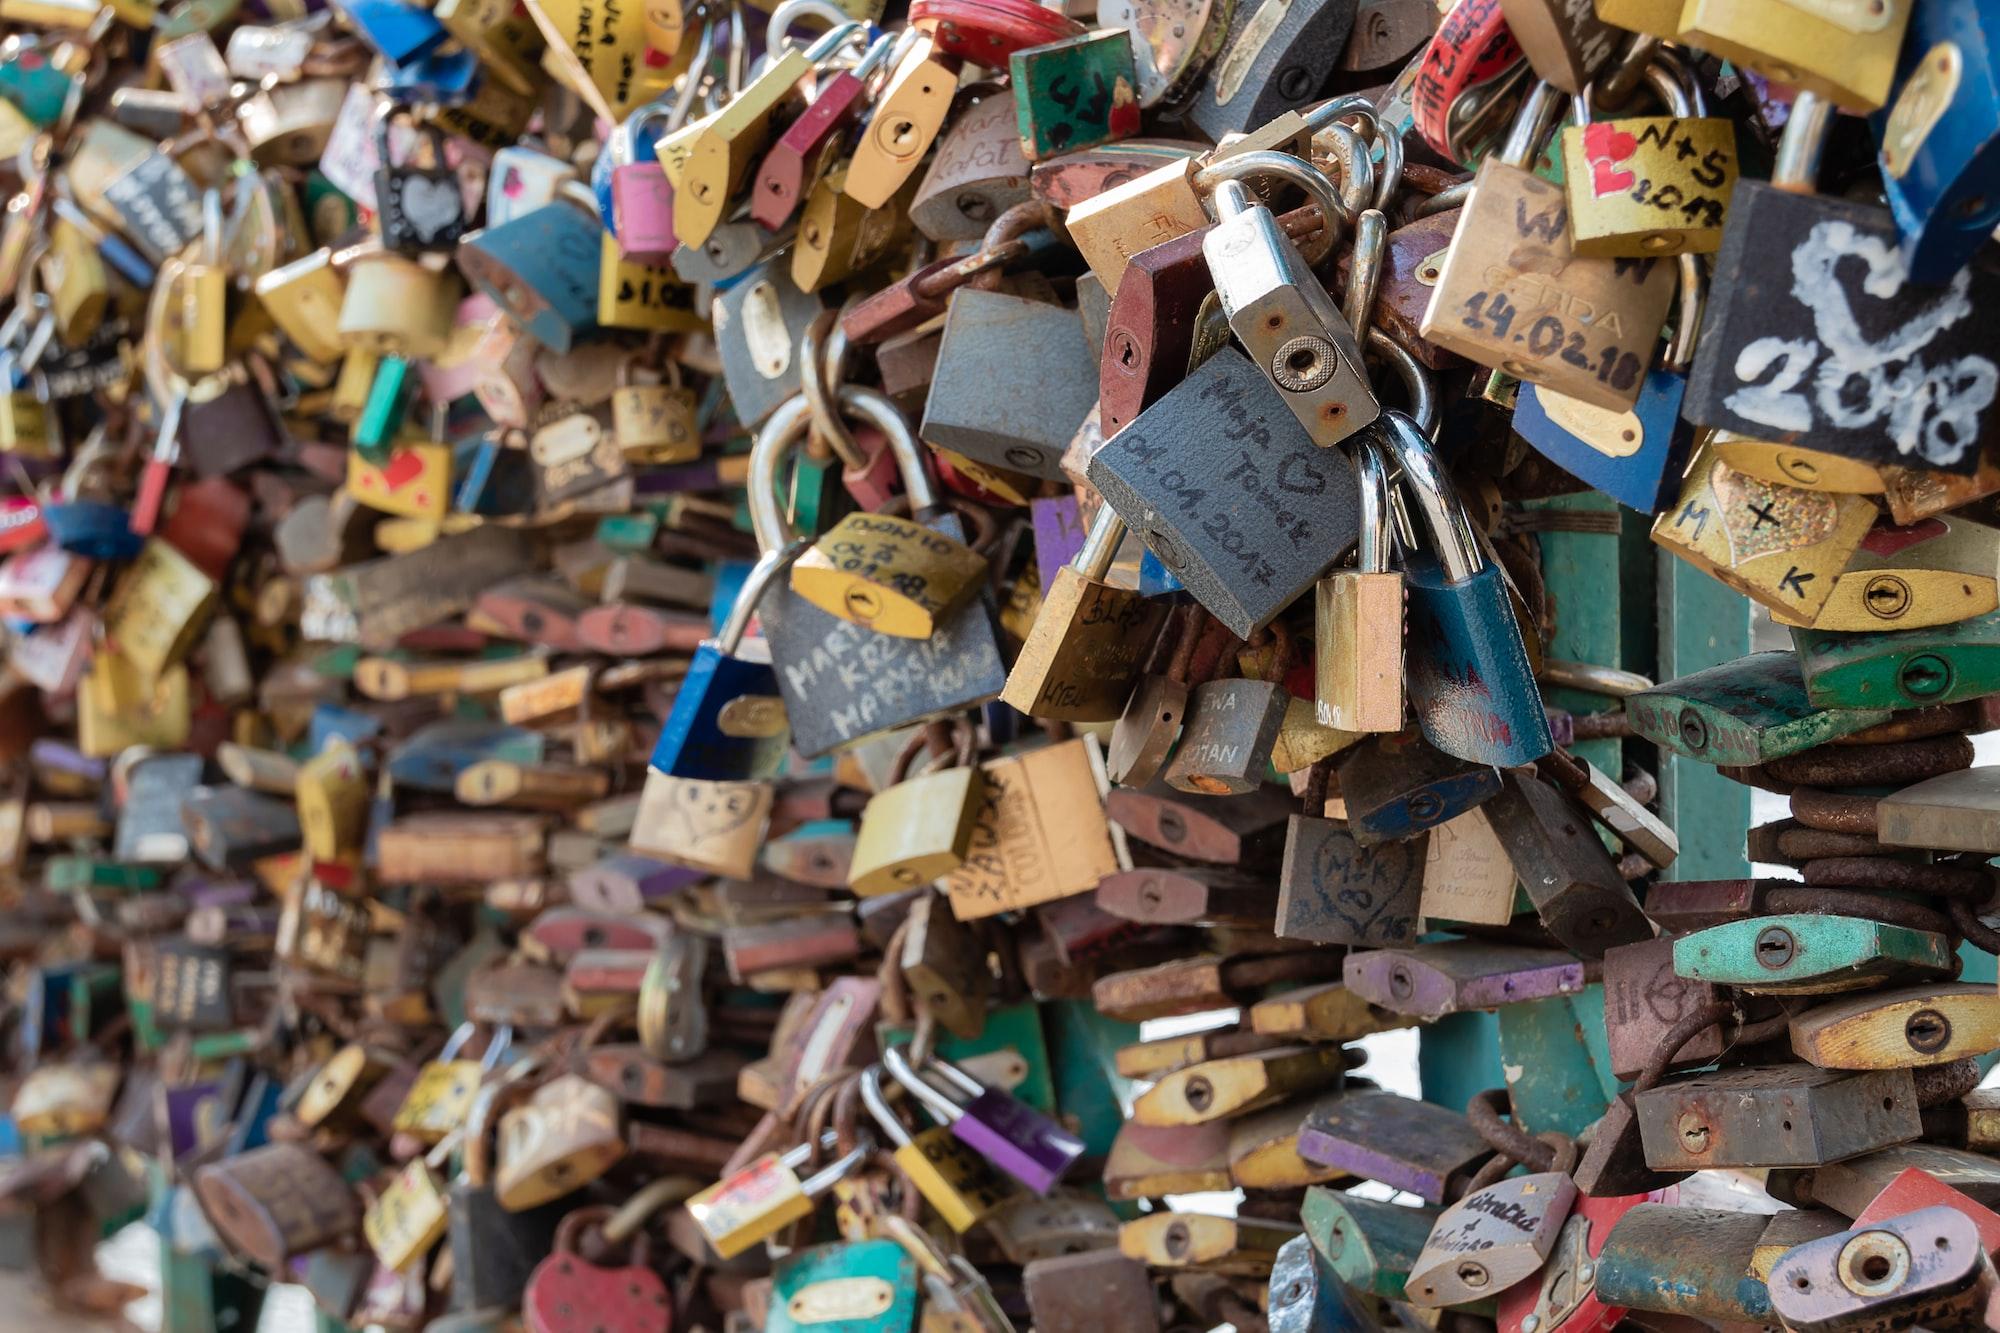 Netsikkerhed og privatliv i nye udfordringer